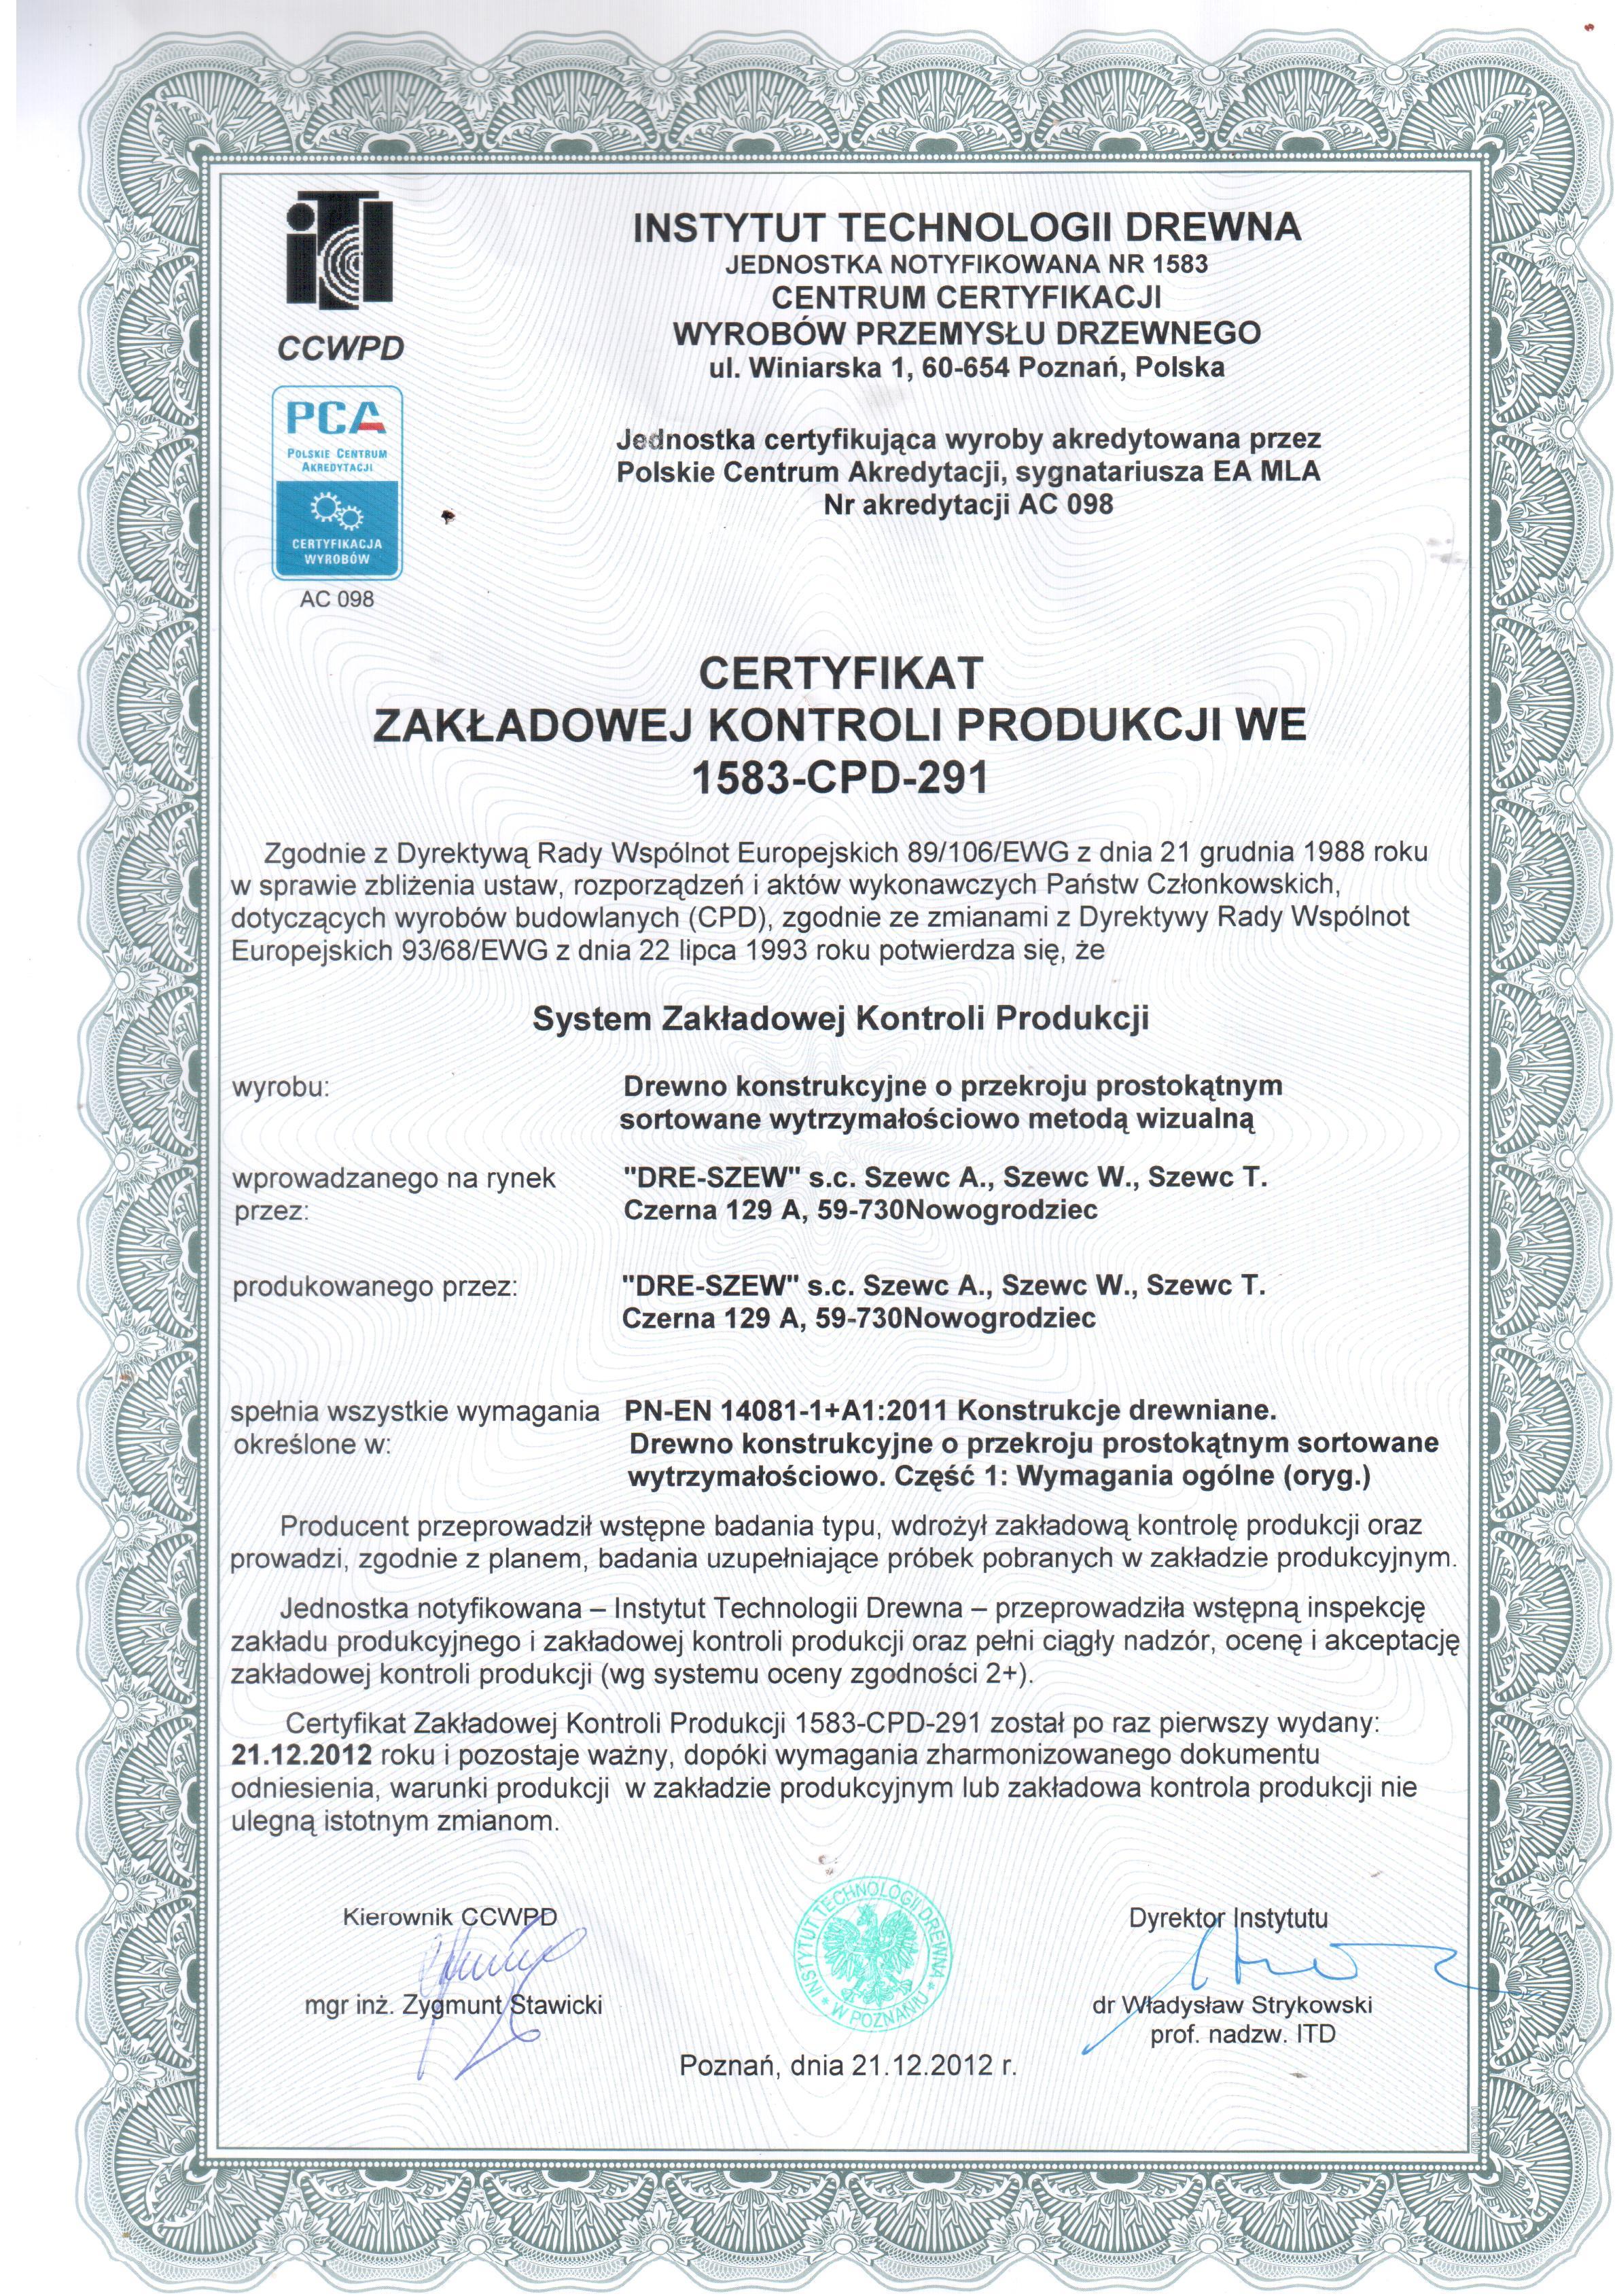 Certyfikat na drewno konstrukcyjne